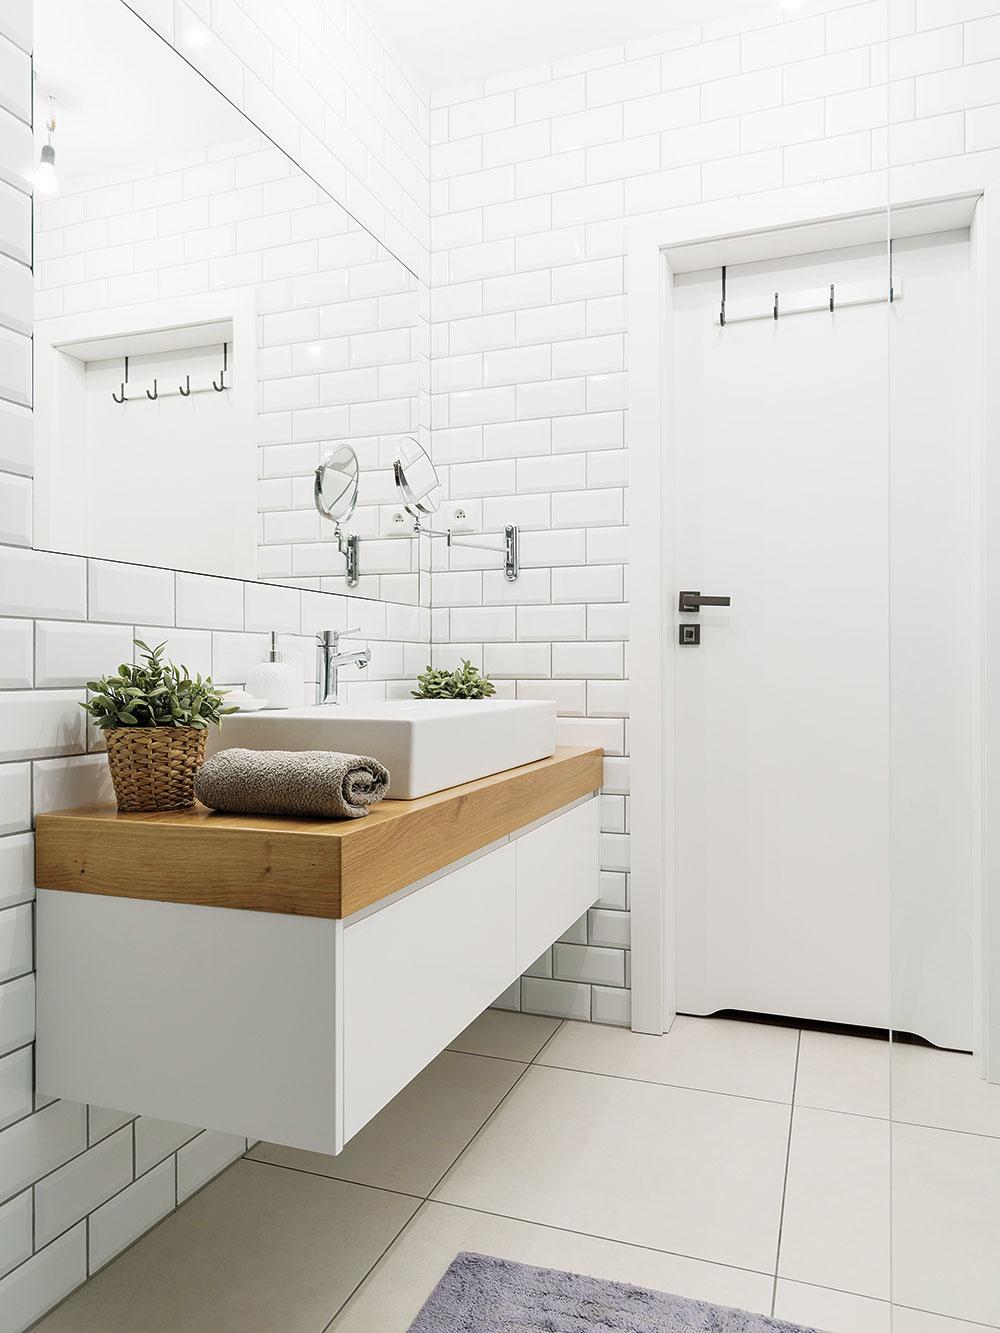 Stavebne náročnejšie riešenia Vrodinných domoch môže byť šikovným riešením svetlovod. Vbytoch zasa priečky zmliečneho skla či luxfery, ktoré budú jemne prepúšťať svetlo zvedľajších miestností.